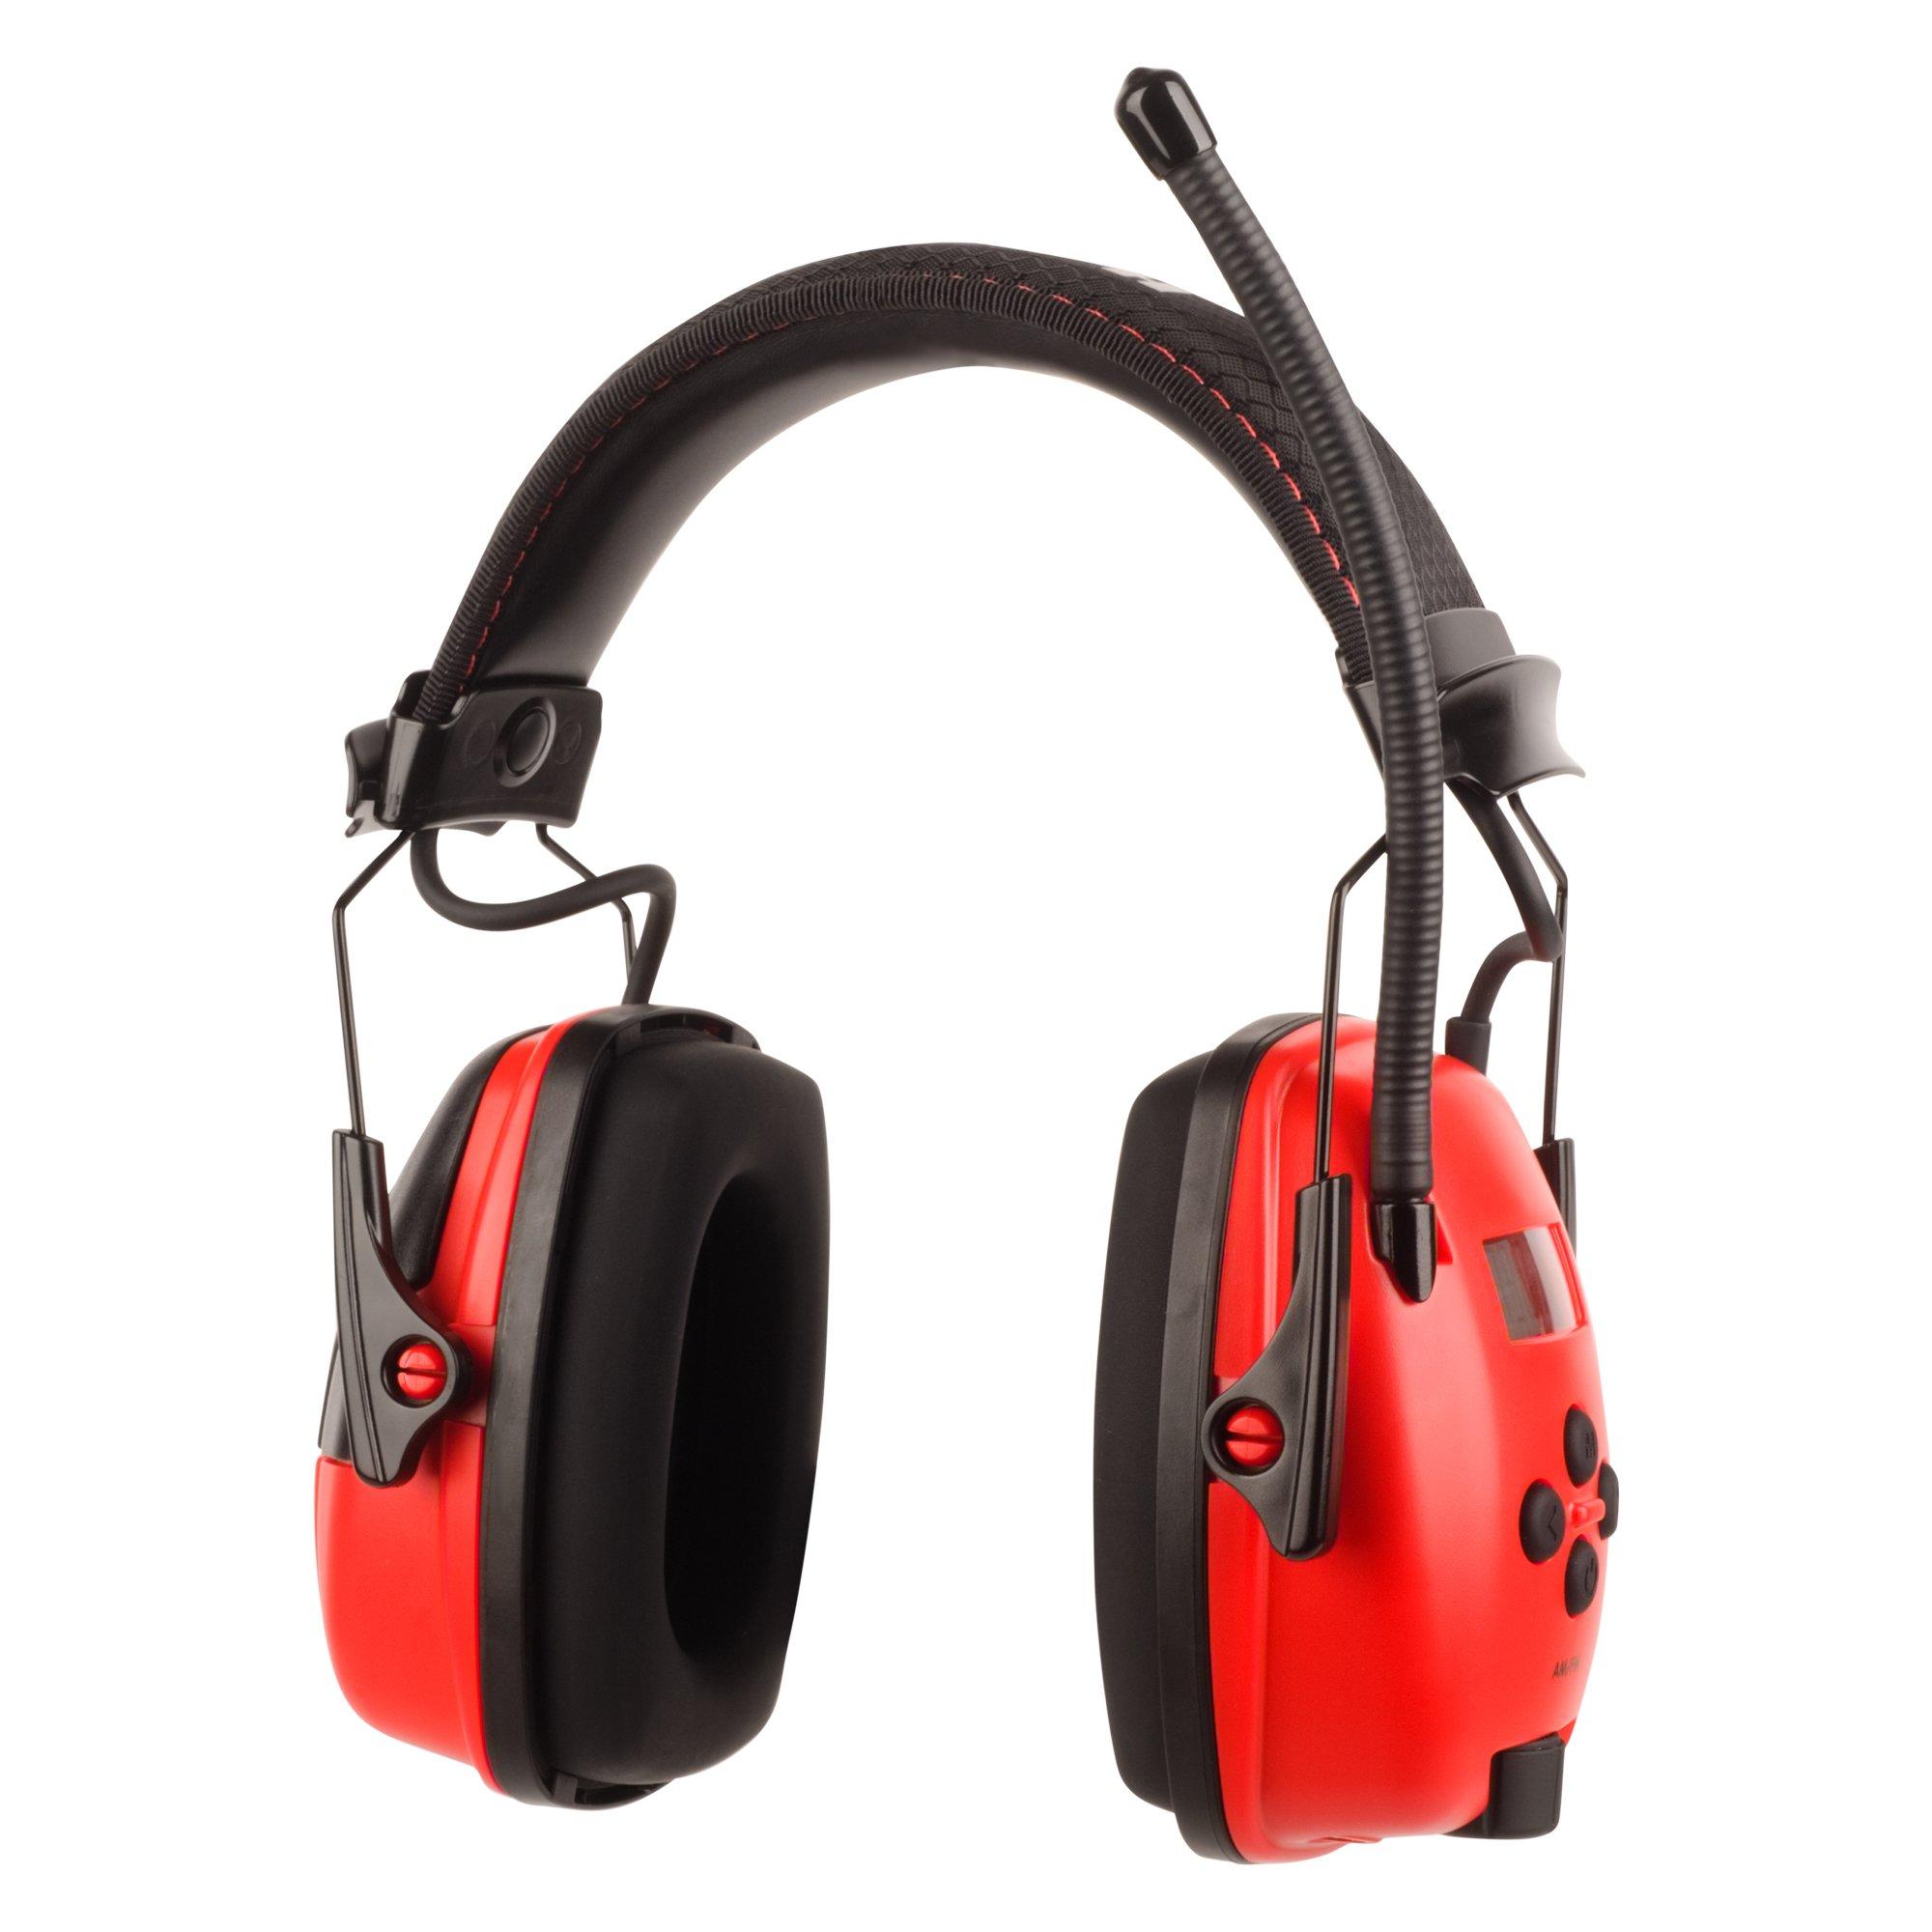 Honeywell Sync Digital AM/FM/MP3 Radio Earmuff (RWS-53012) by Honeywell Retail